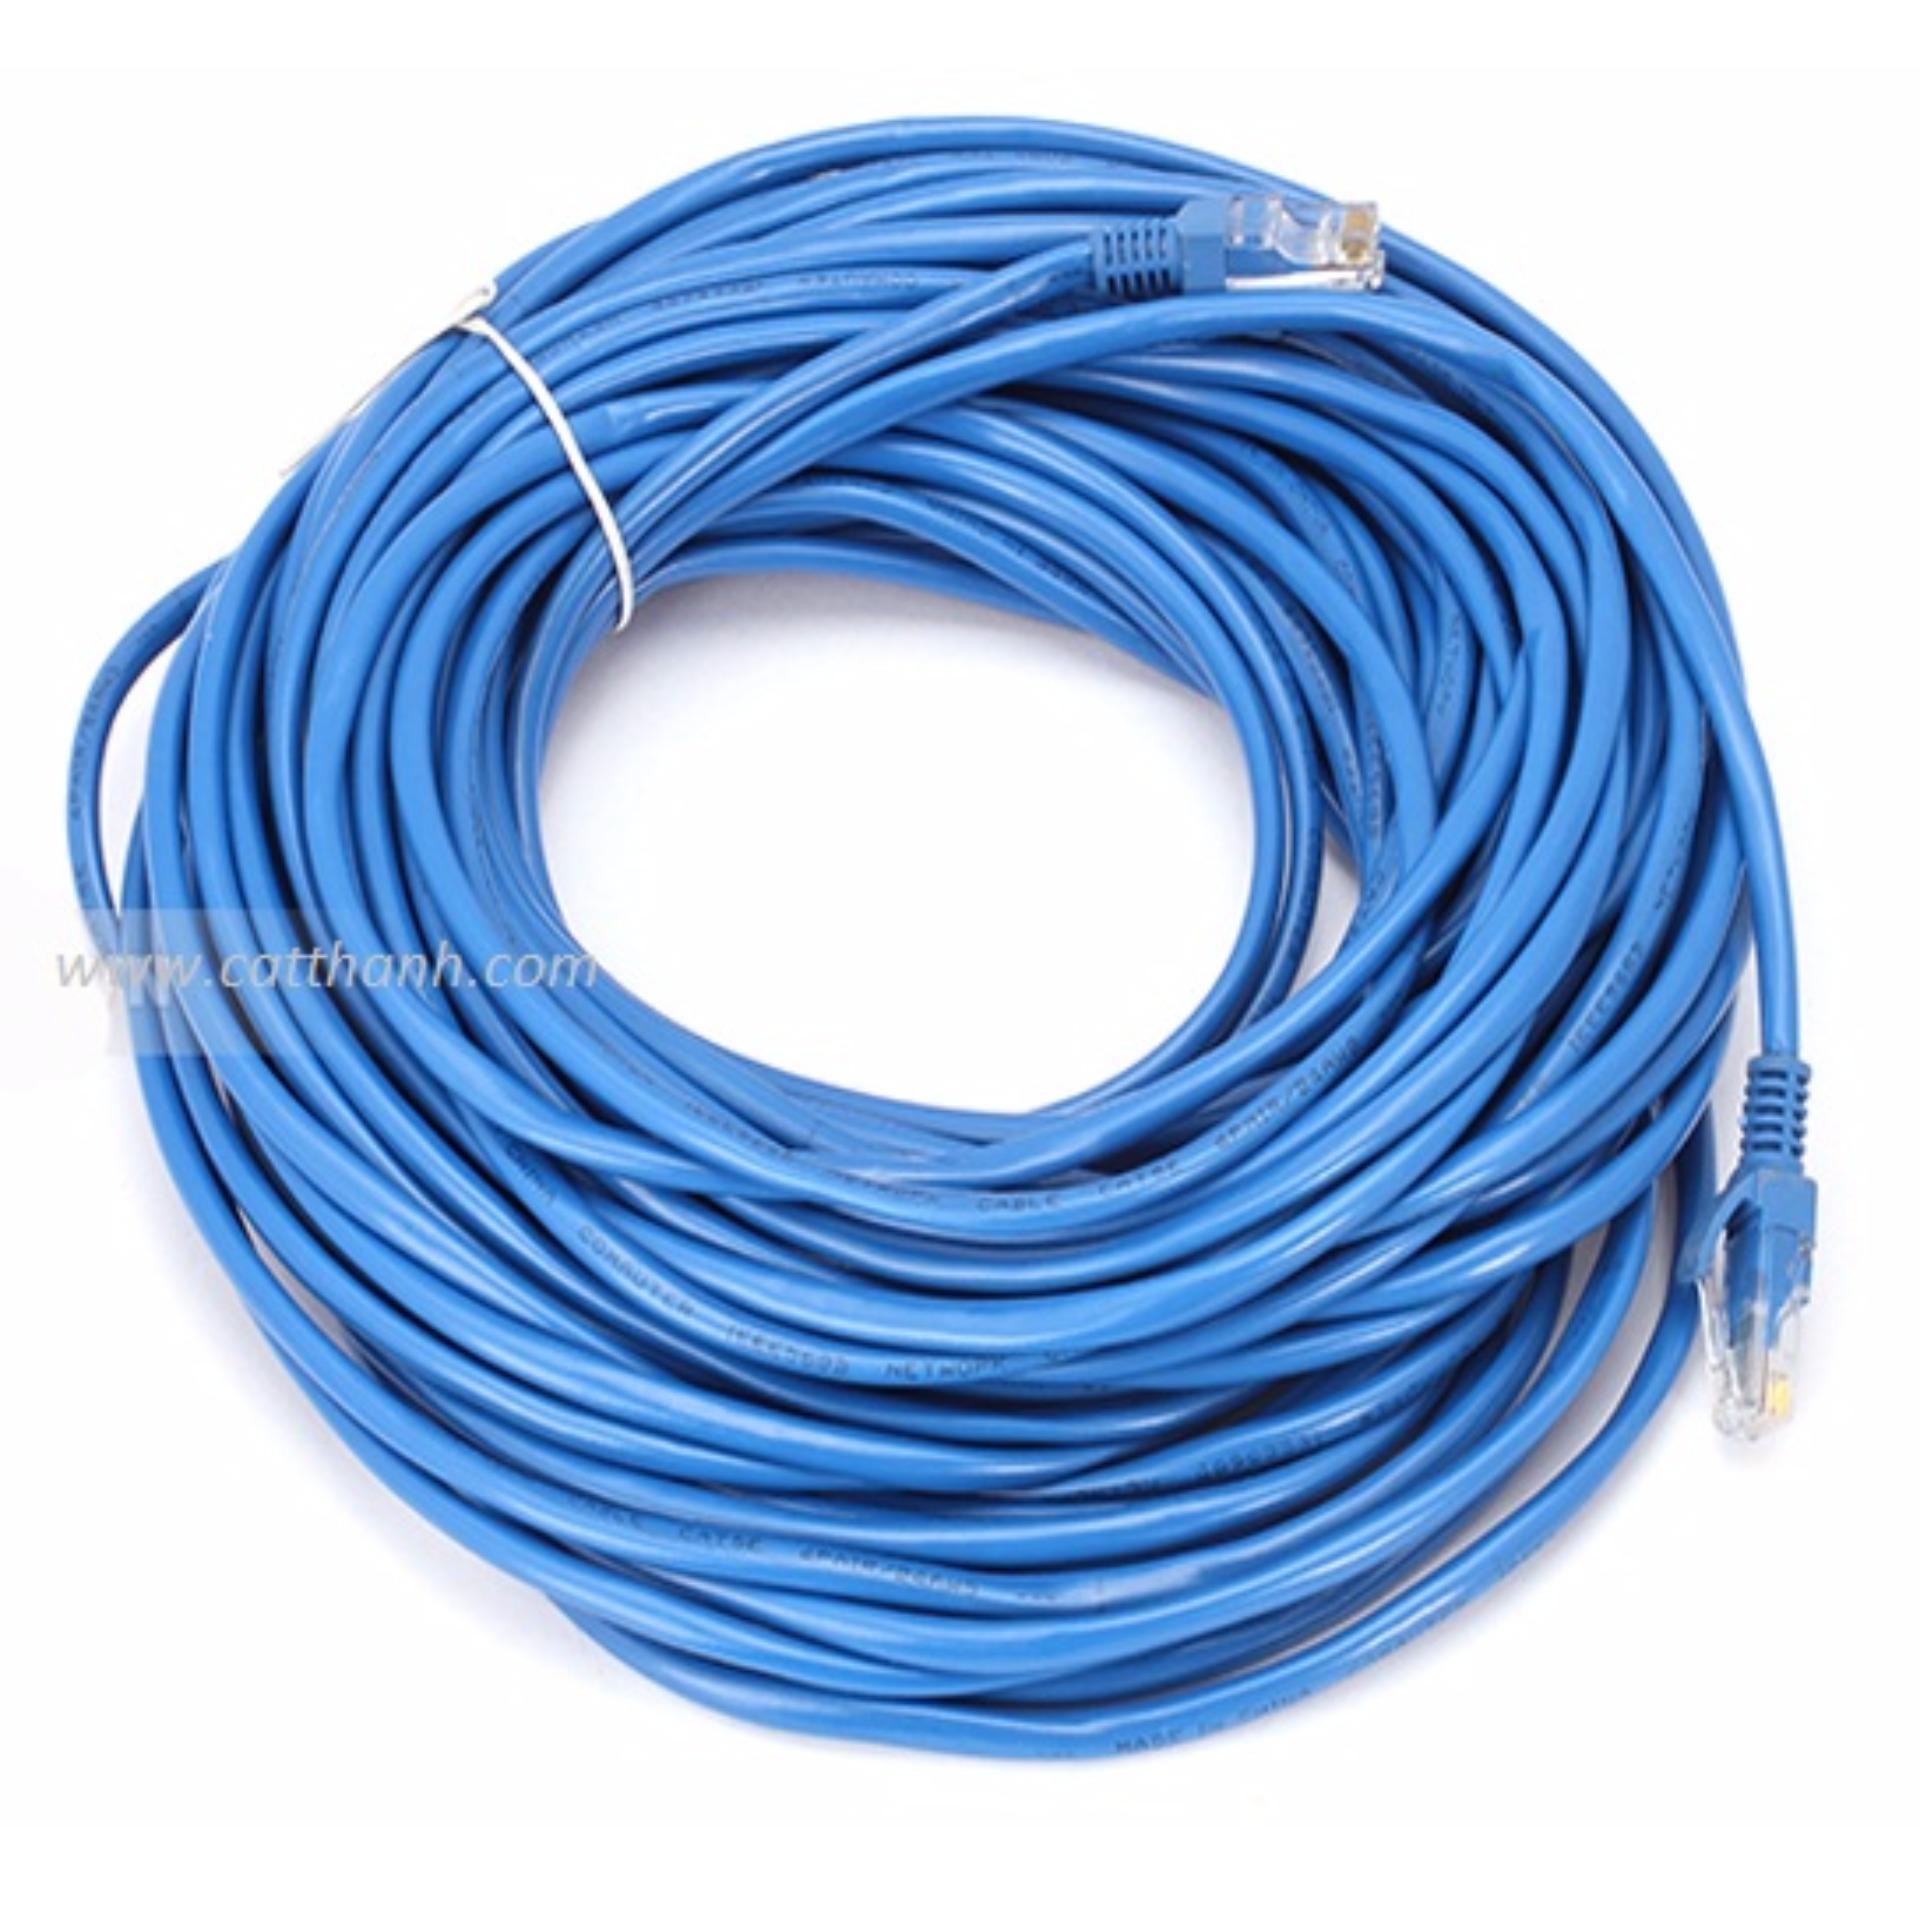 Dây cáp mạng CAT6E LBlink bấm sẵn 2 đầu 40 Mét (Trắng, xanh – Mới 100%)